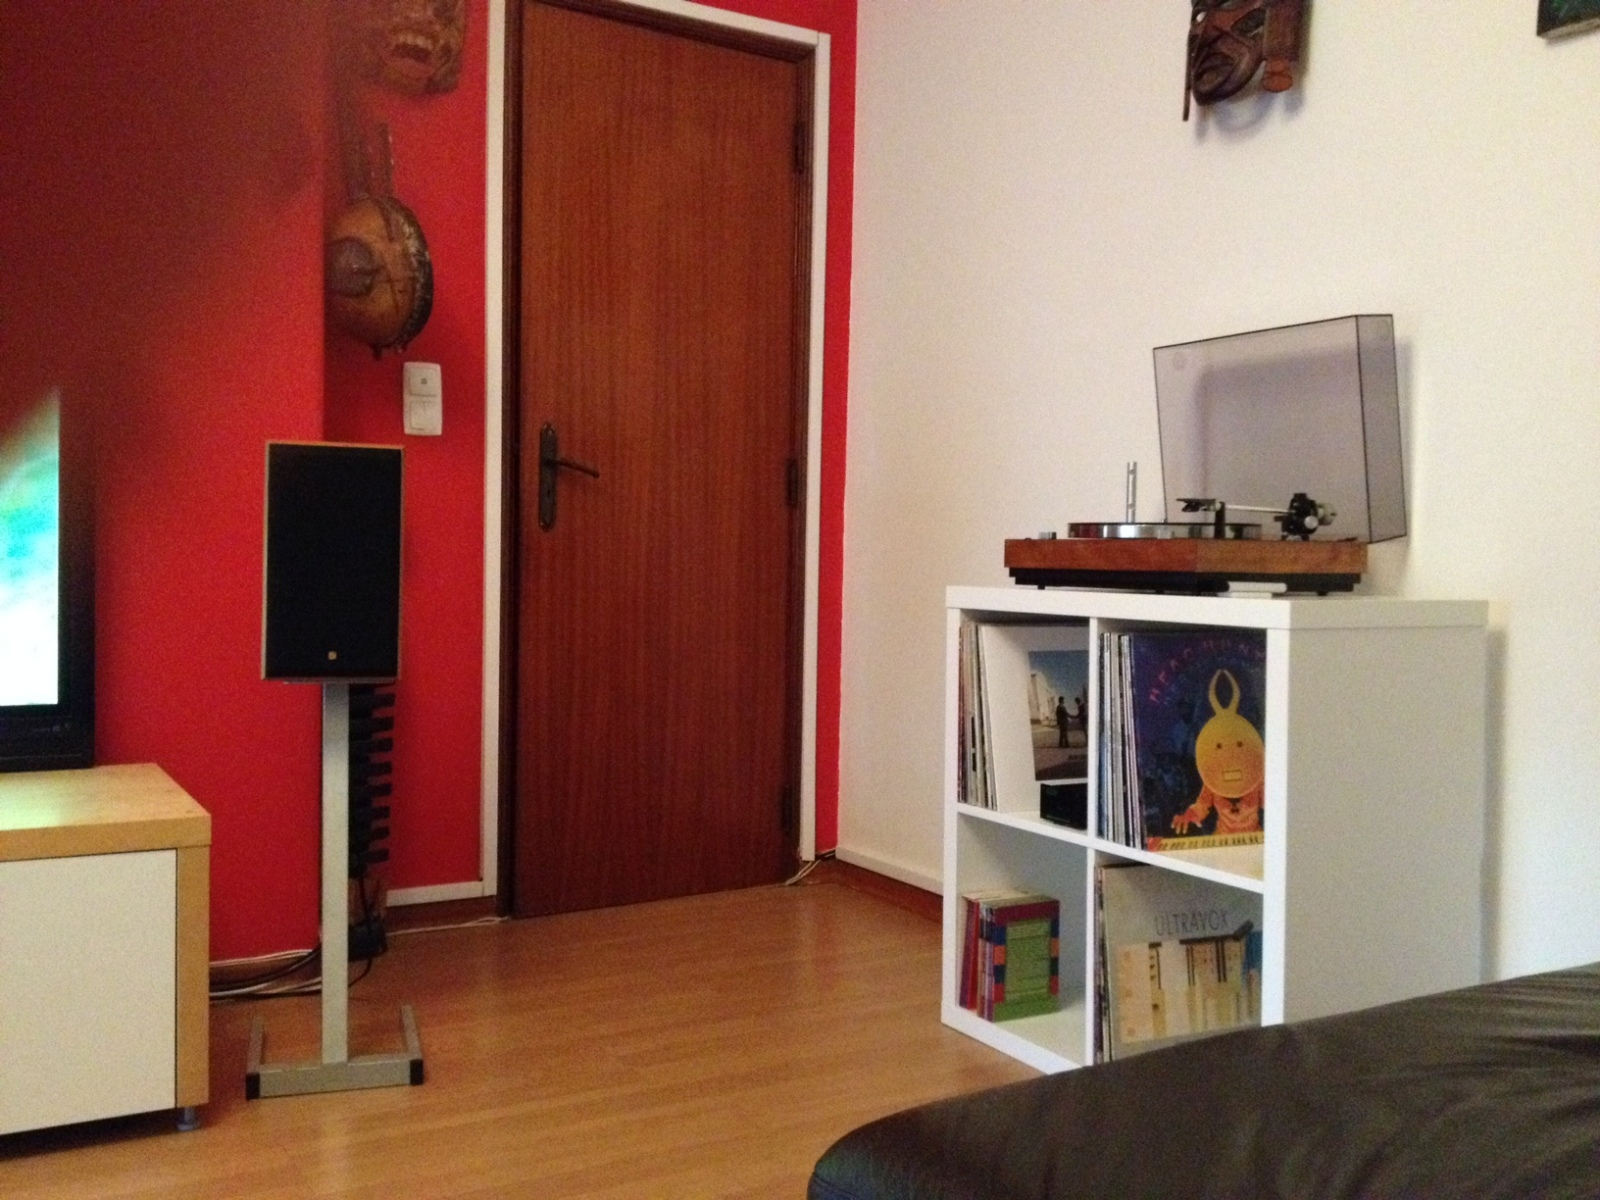 Posicionamento de colunas para Stereo 2nkmb78